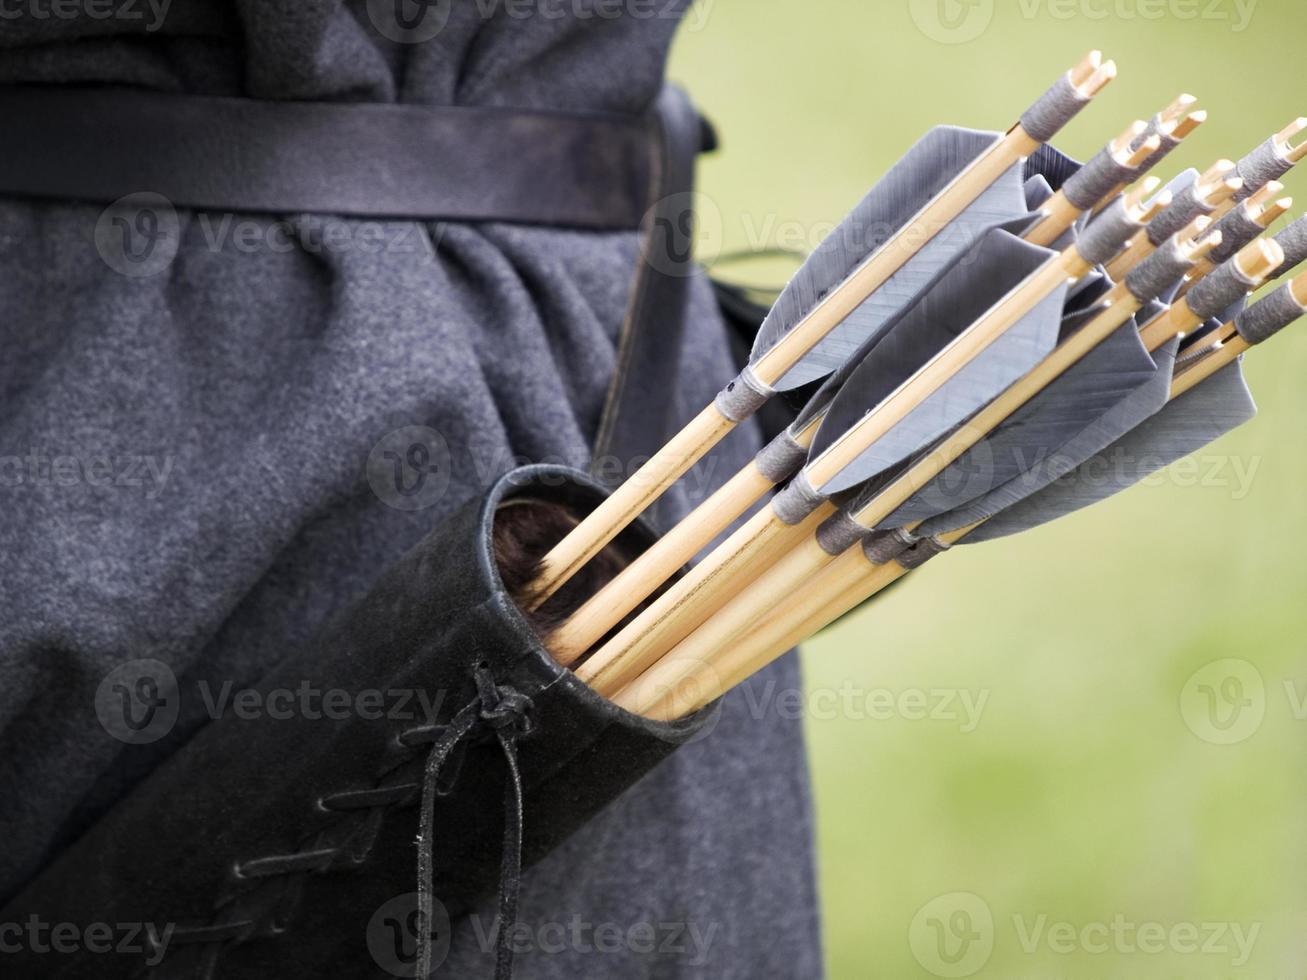 pessoa usando aljava com flechas colocadas nela foto